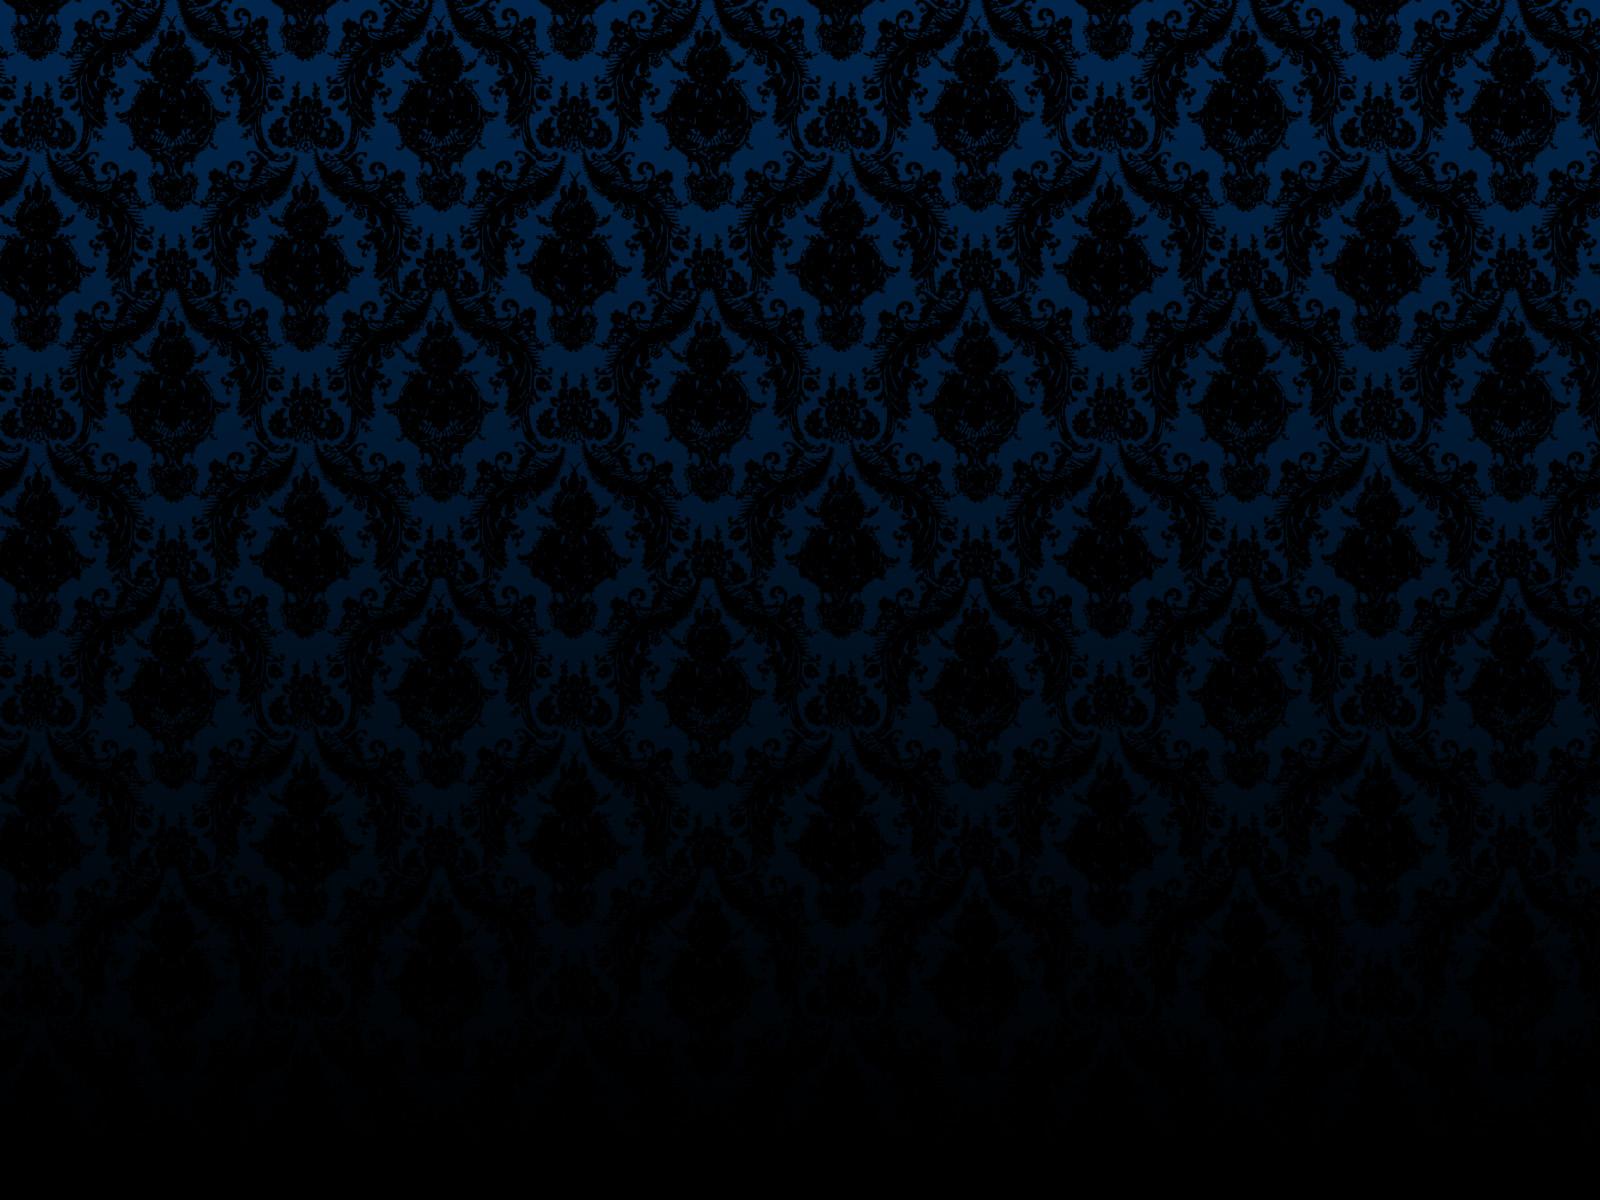 gothic victorian wallpaper #20